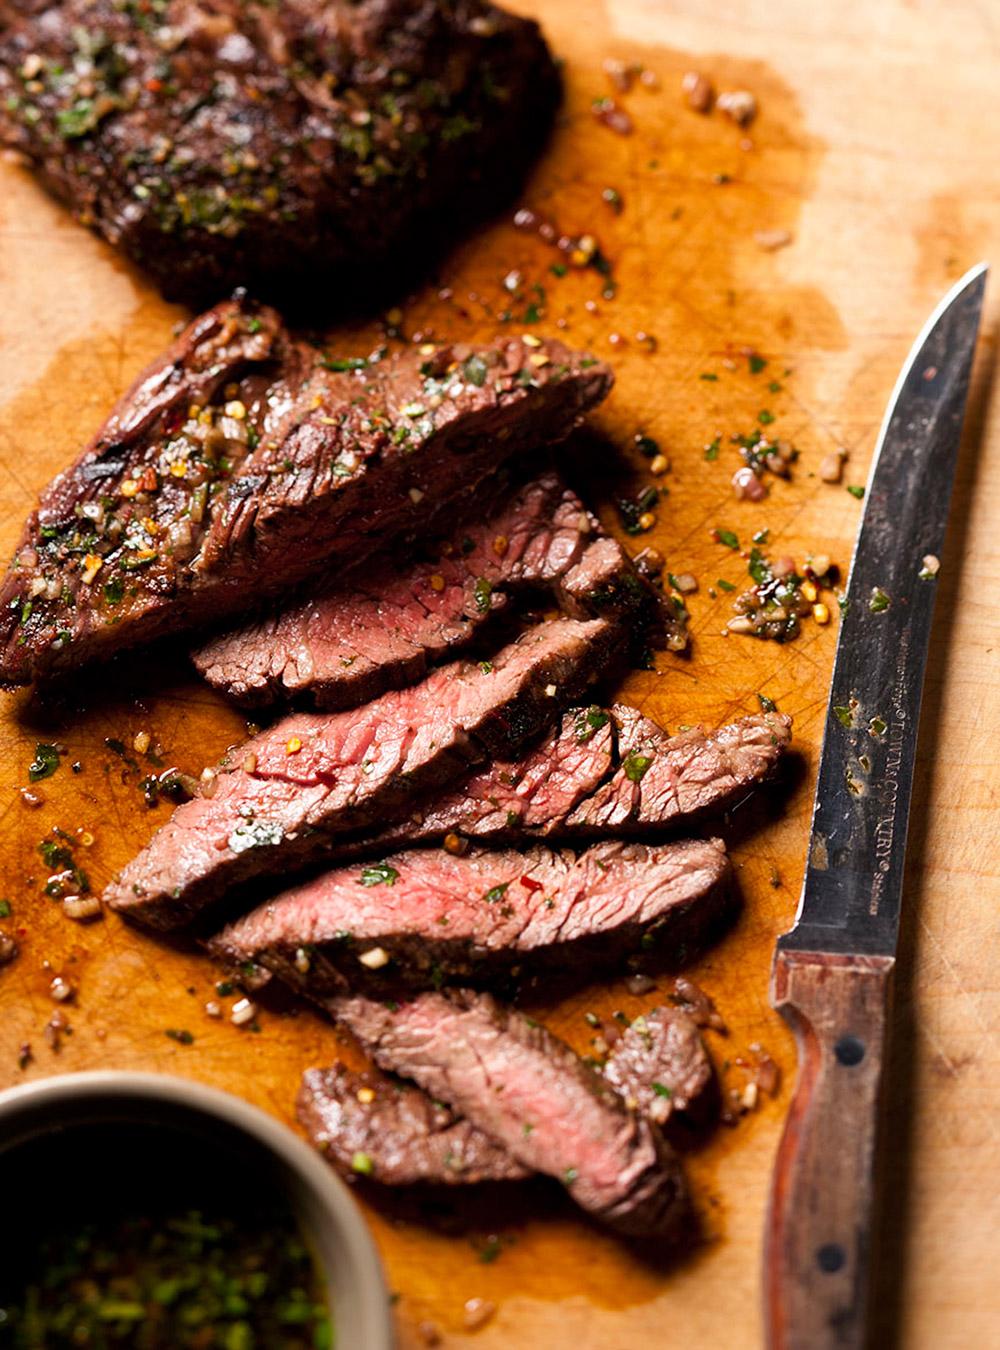 Recette de boeuf: tout sur les rôtis ou les steaks de boeuf  page 4 ...